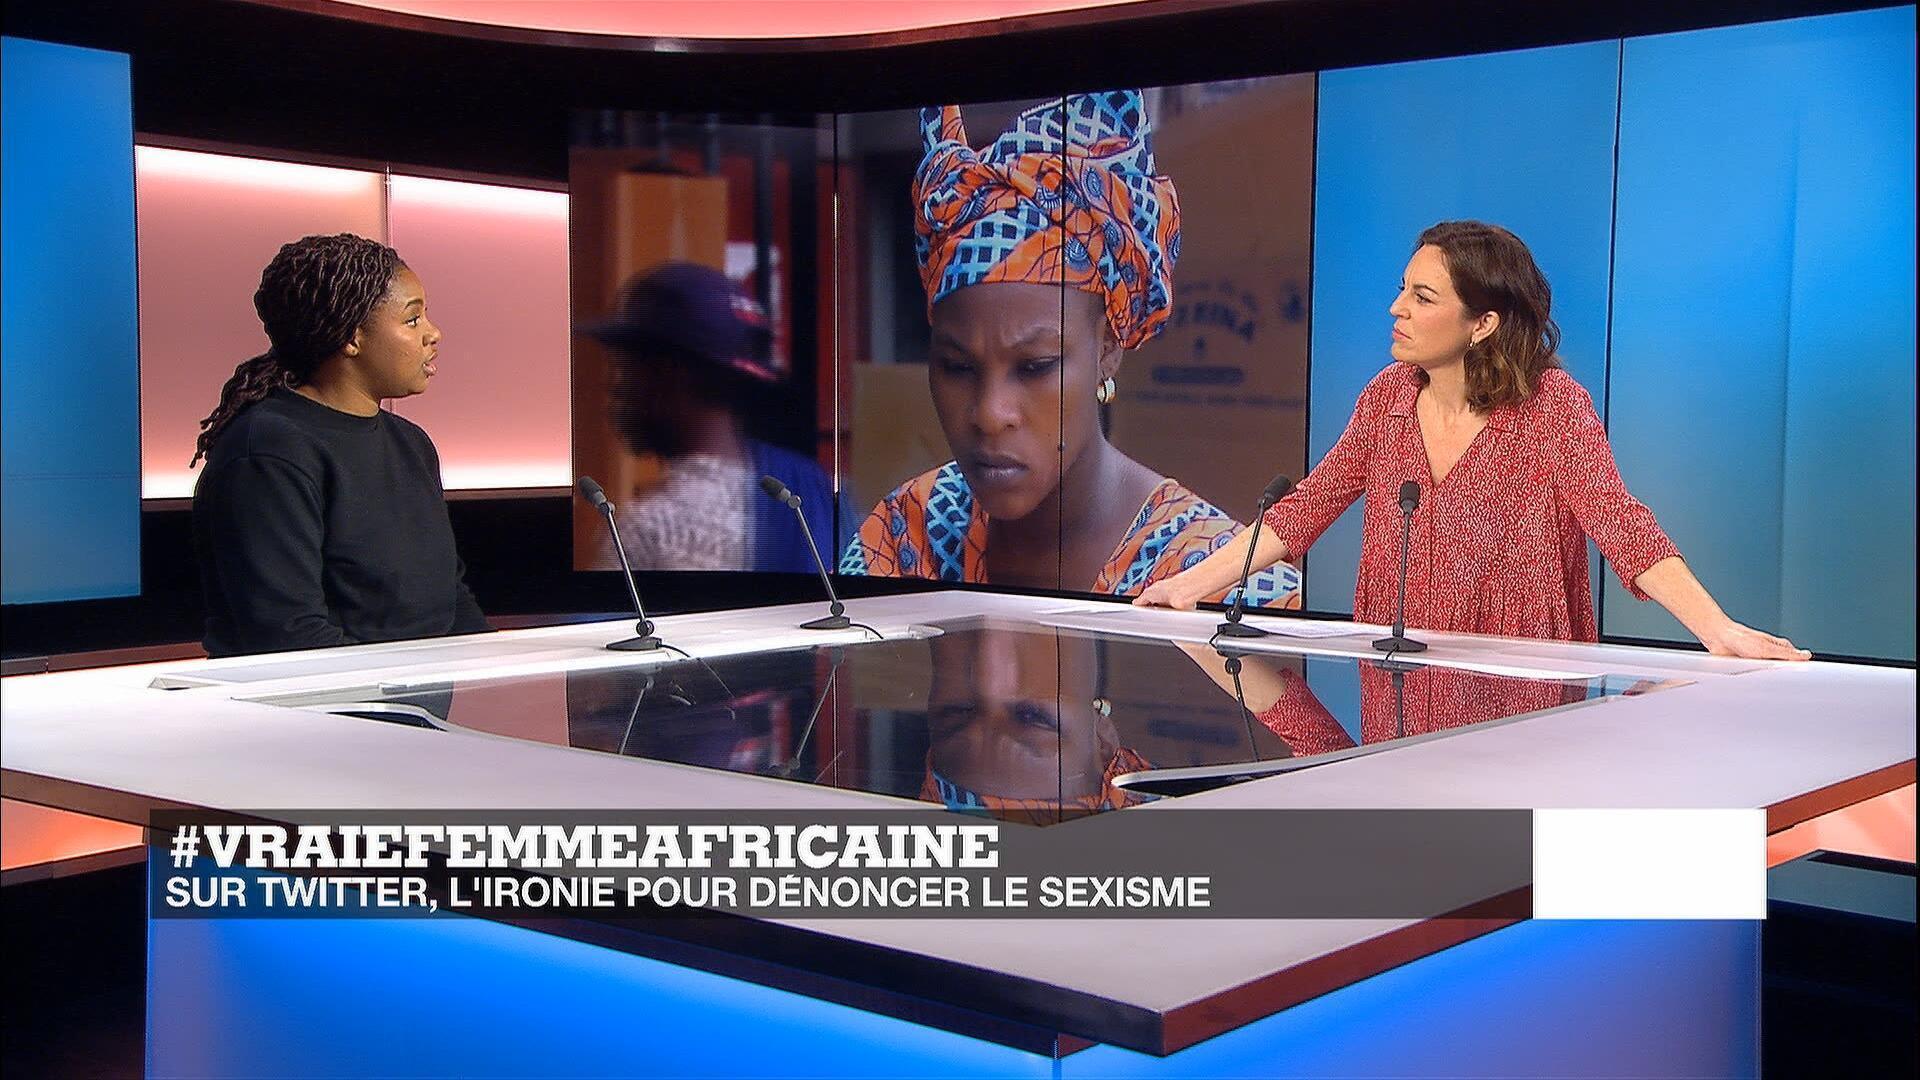 ACTUELLES INVITE FEMMES AFRICAINES